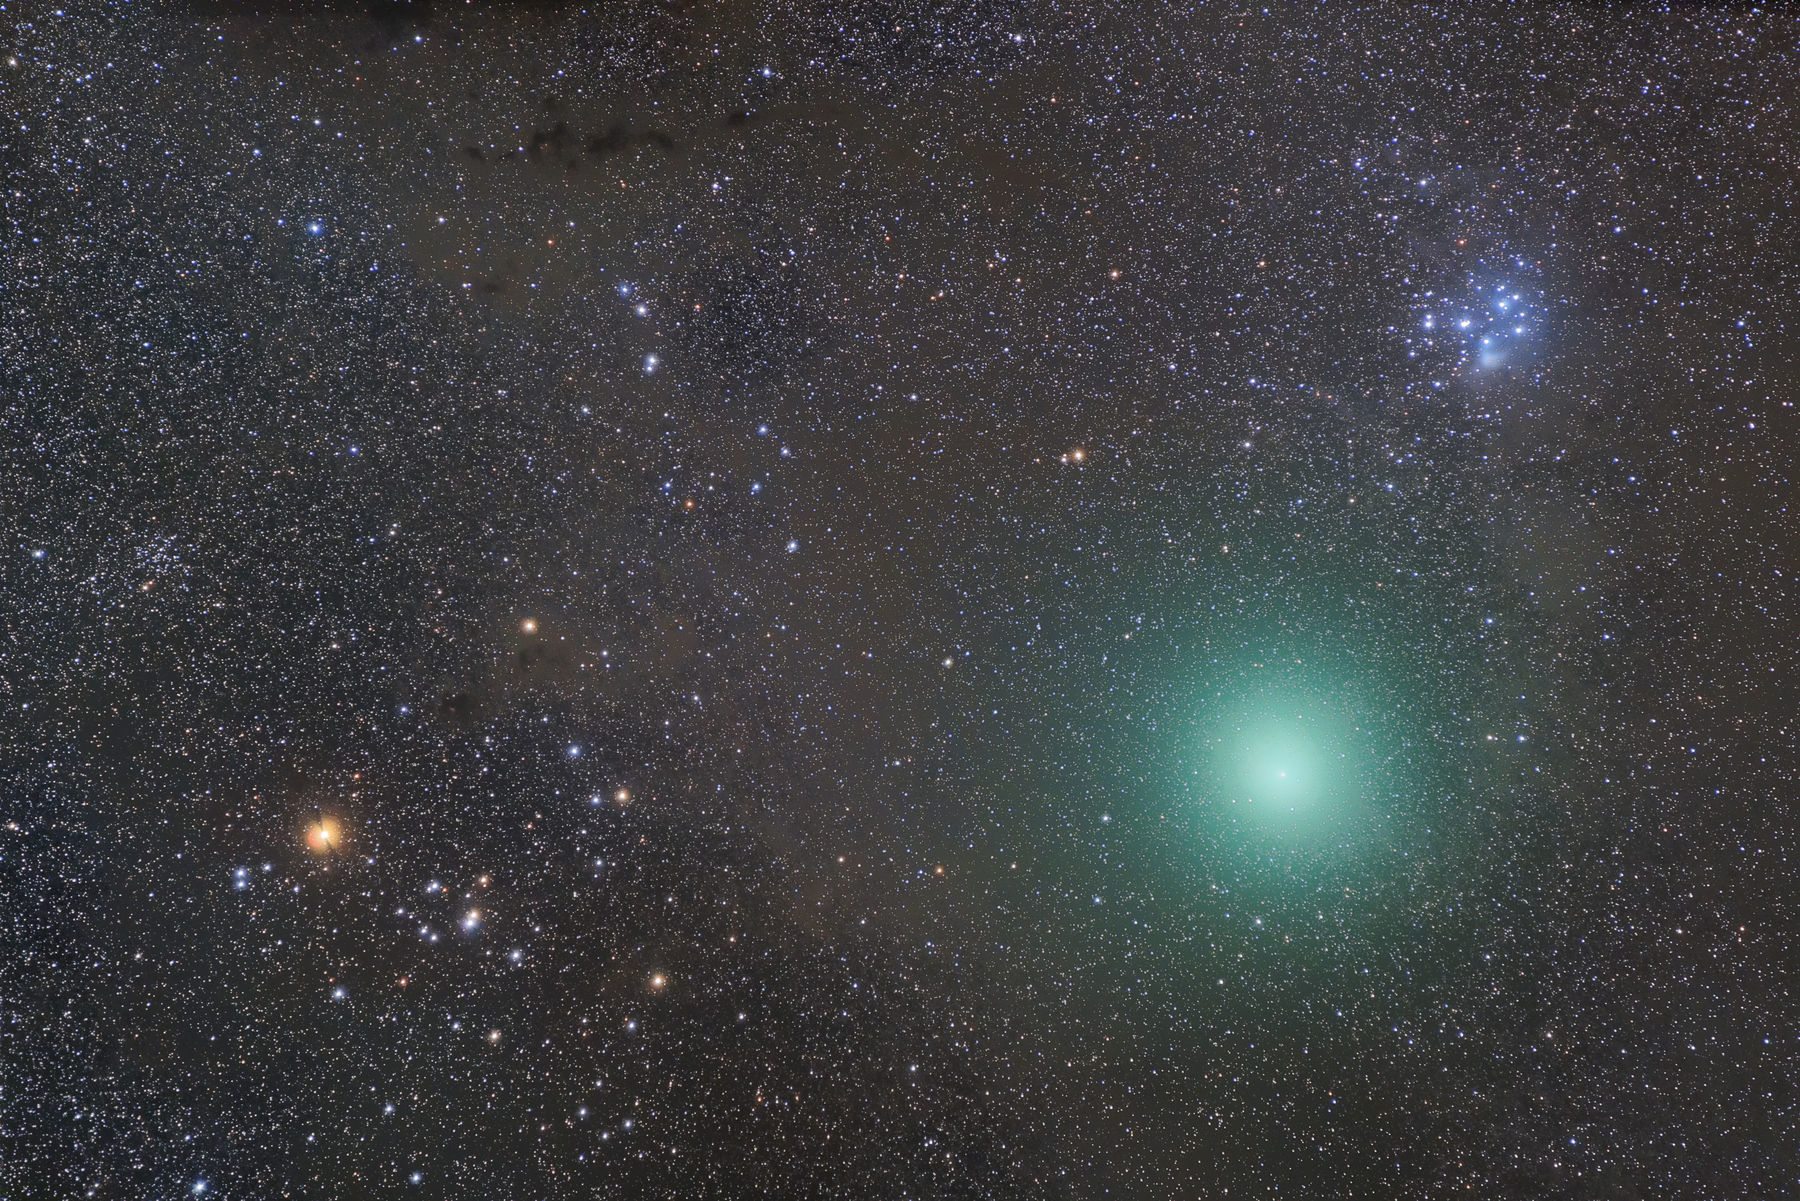 【彗星】46P/ウィルタネン彗星、撮っちゃるねん(ノ゚∀゚)ノ